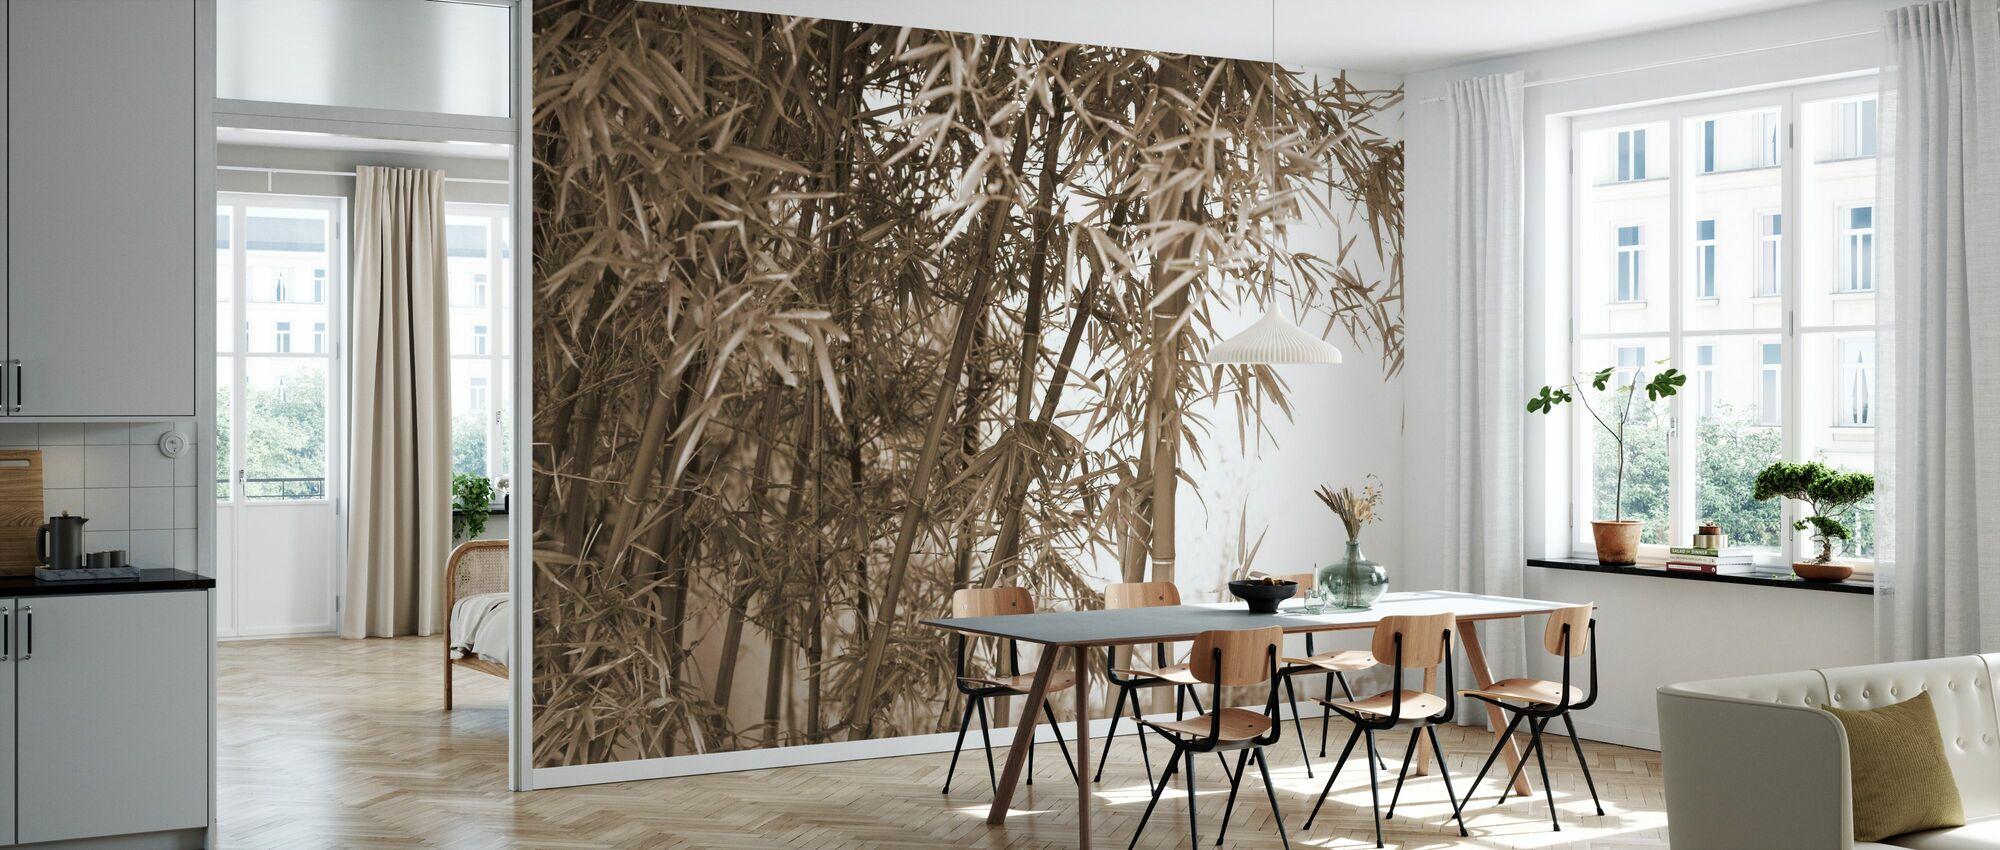 Beautiful Bamboo Inrichten Met Fotobehang Photowall